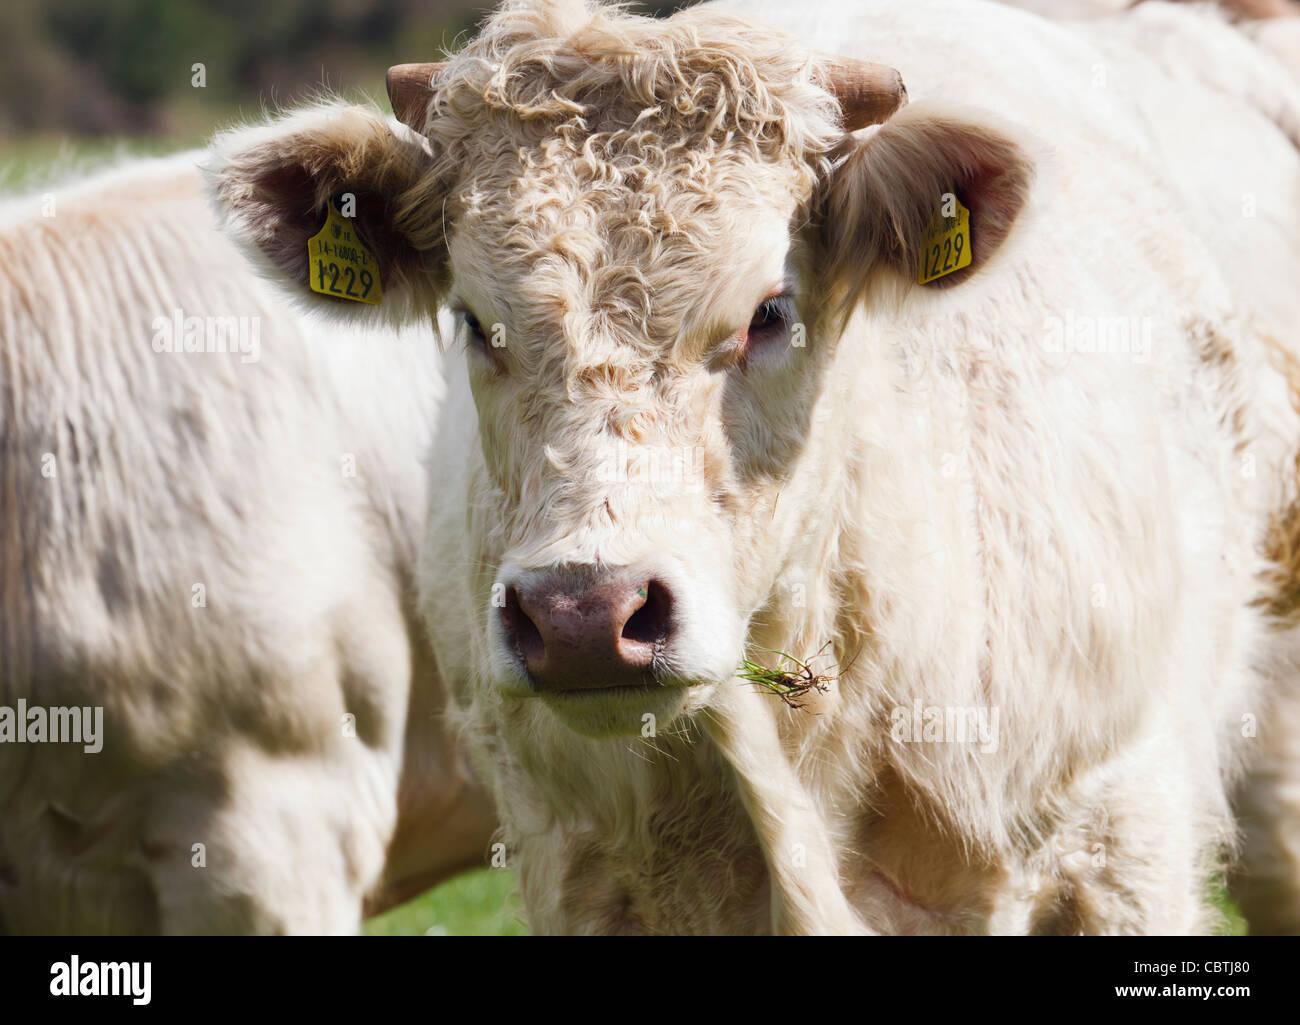 Tier, Vieh Erkennungsmarke tragen, in jedem Ohr, in der Nähe von Ballynacarriga, County Cork, Irland. Stockbild